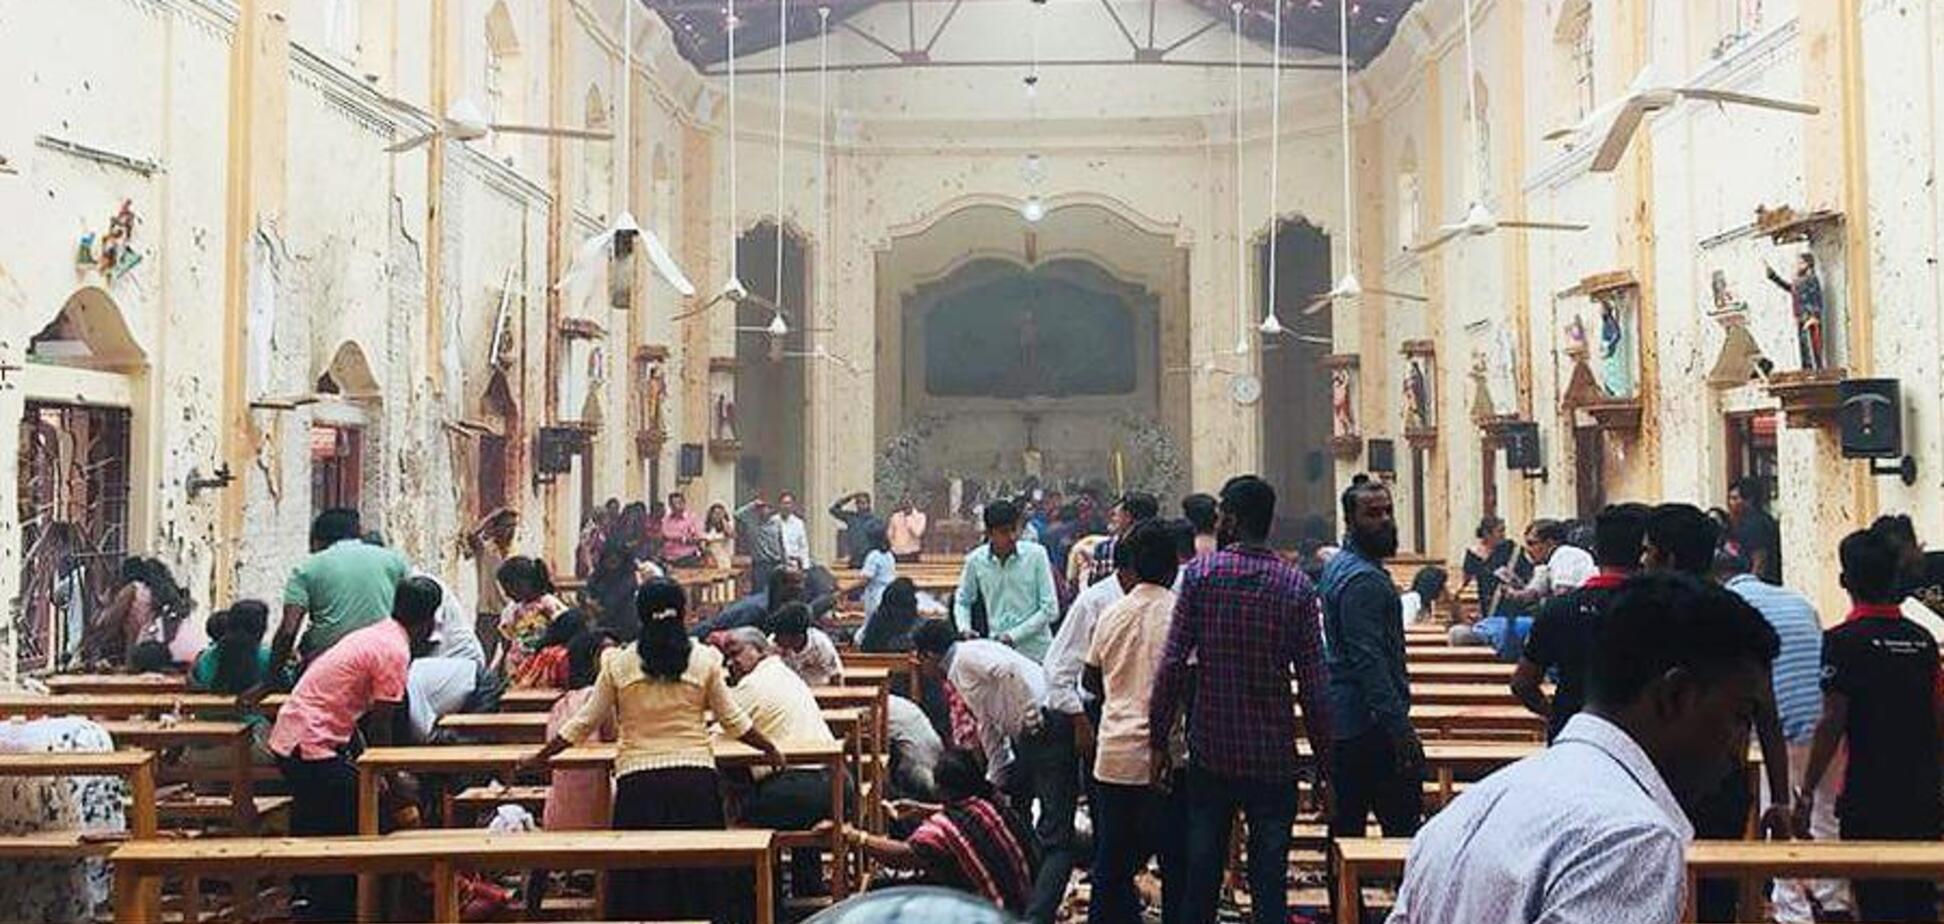 На Шри-Ланке из-за терактов погибли сотни людей: появились данные о подозреваемых